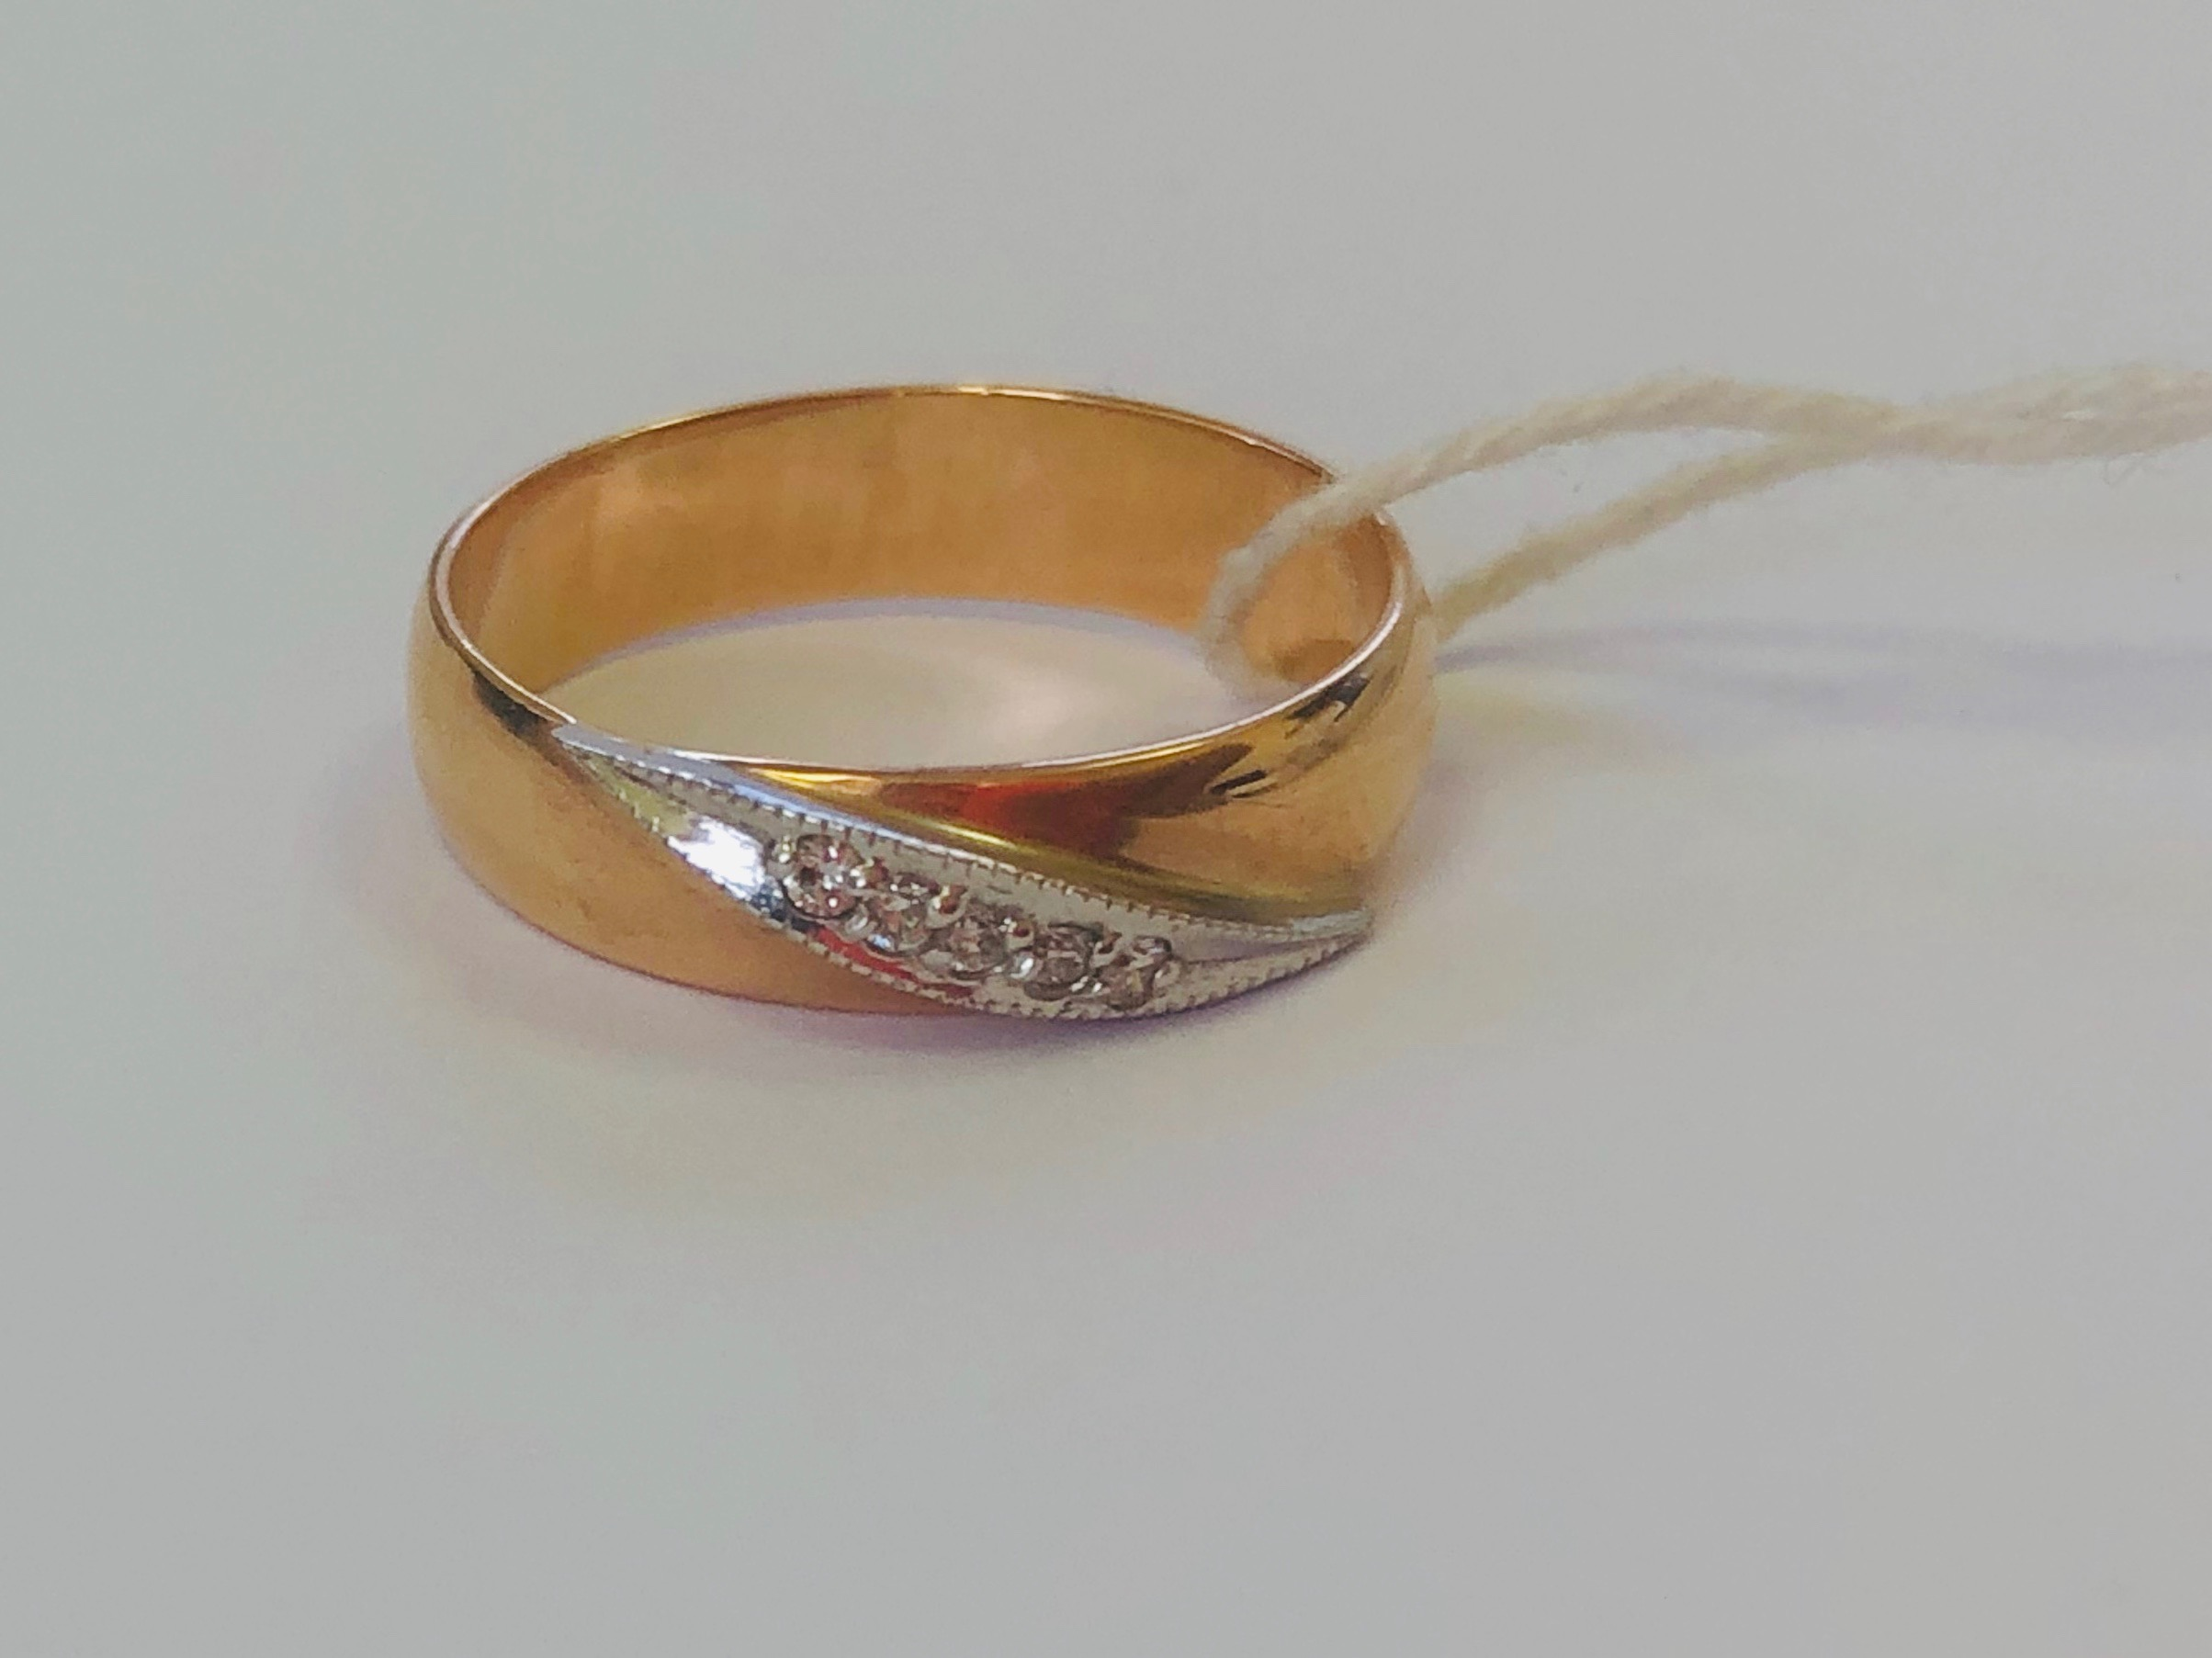 Обручальное кольцо из золота с бриллиантом арт. г2935 г2935